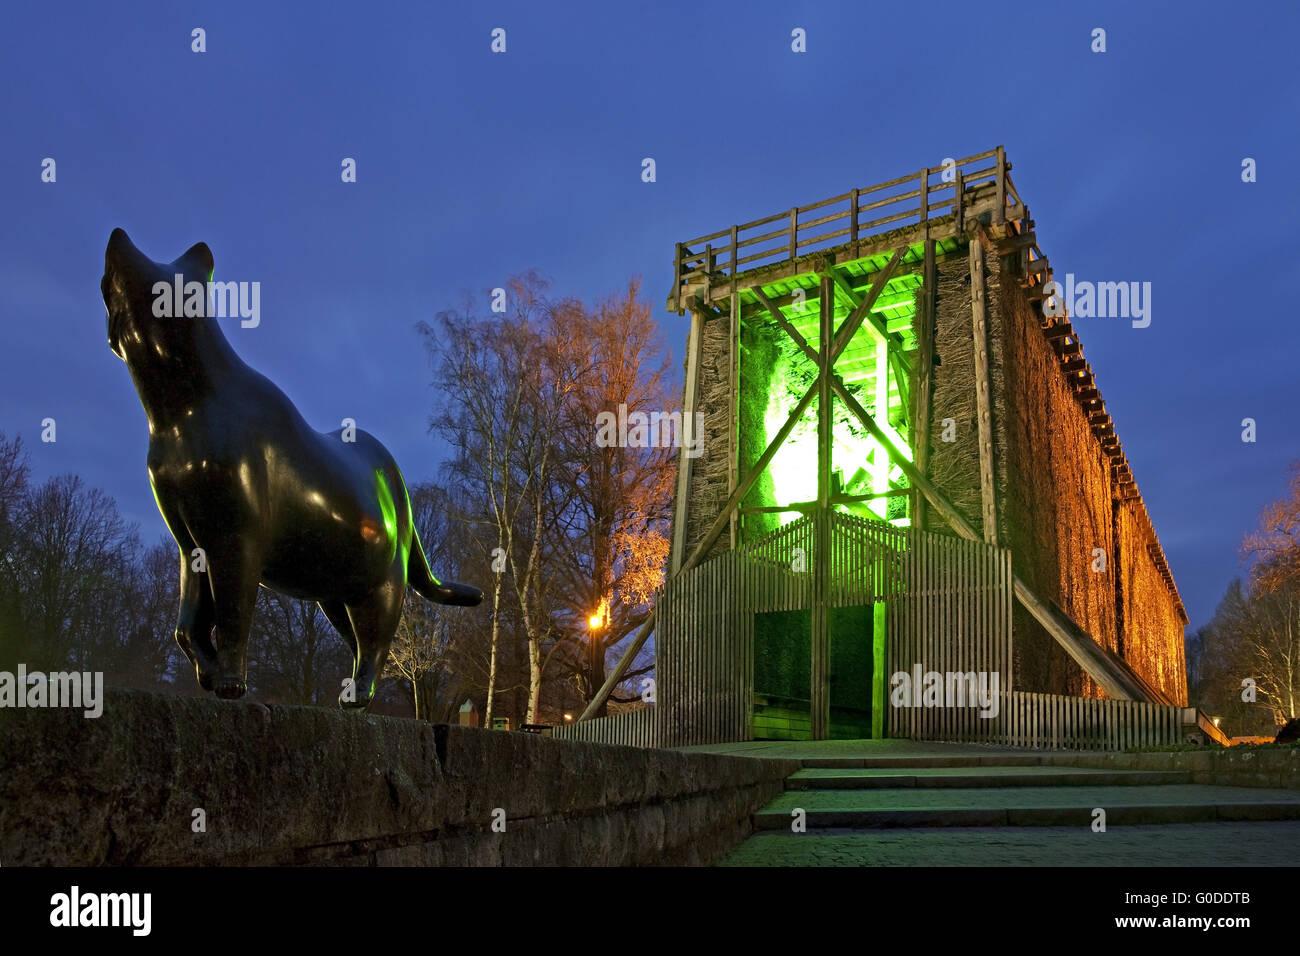 La tour illuminée de leur diplôme à Lübeck Banque D'Images